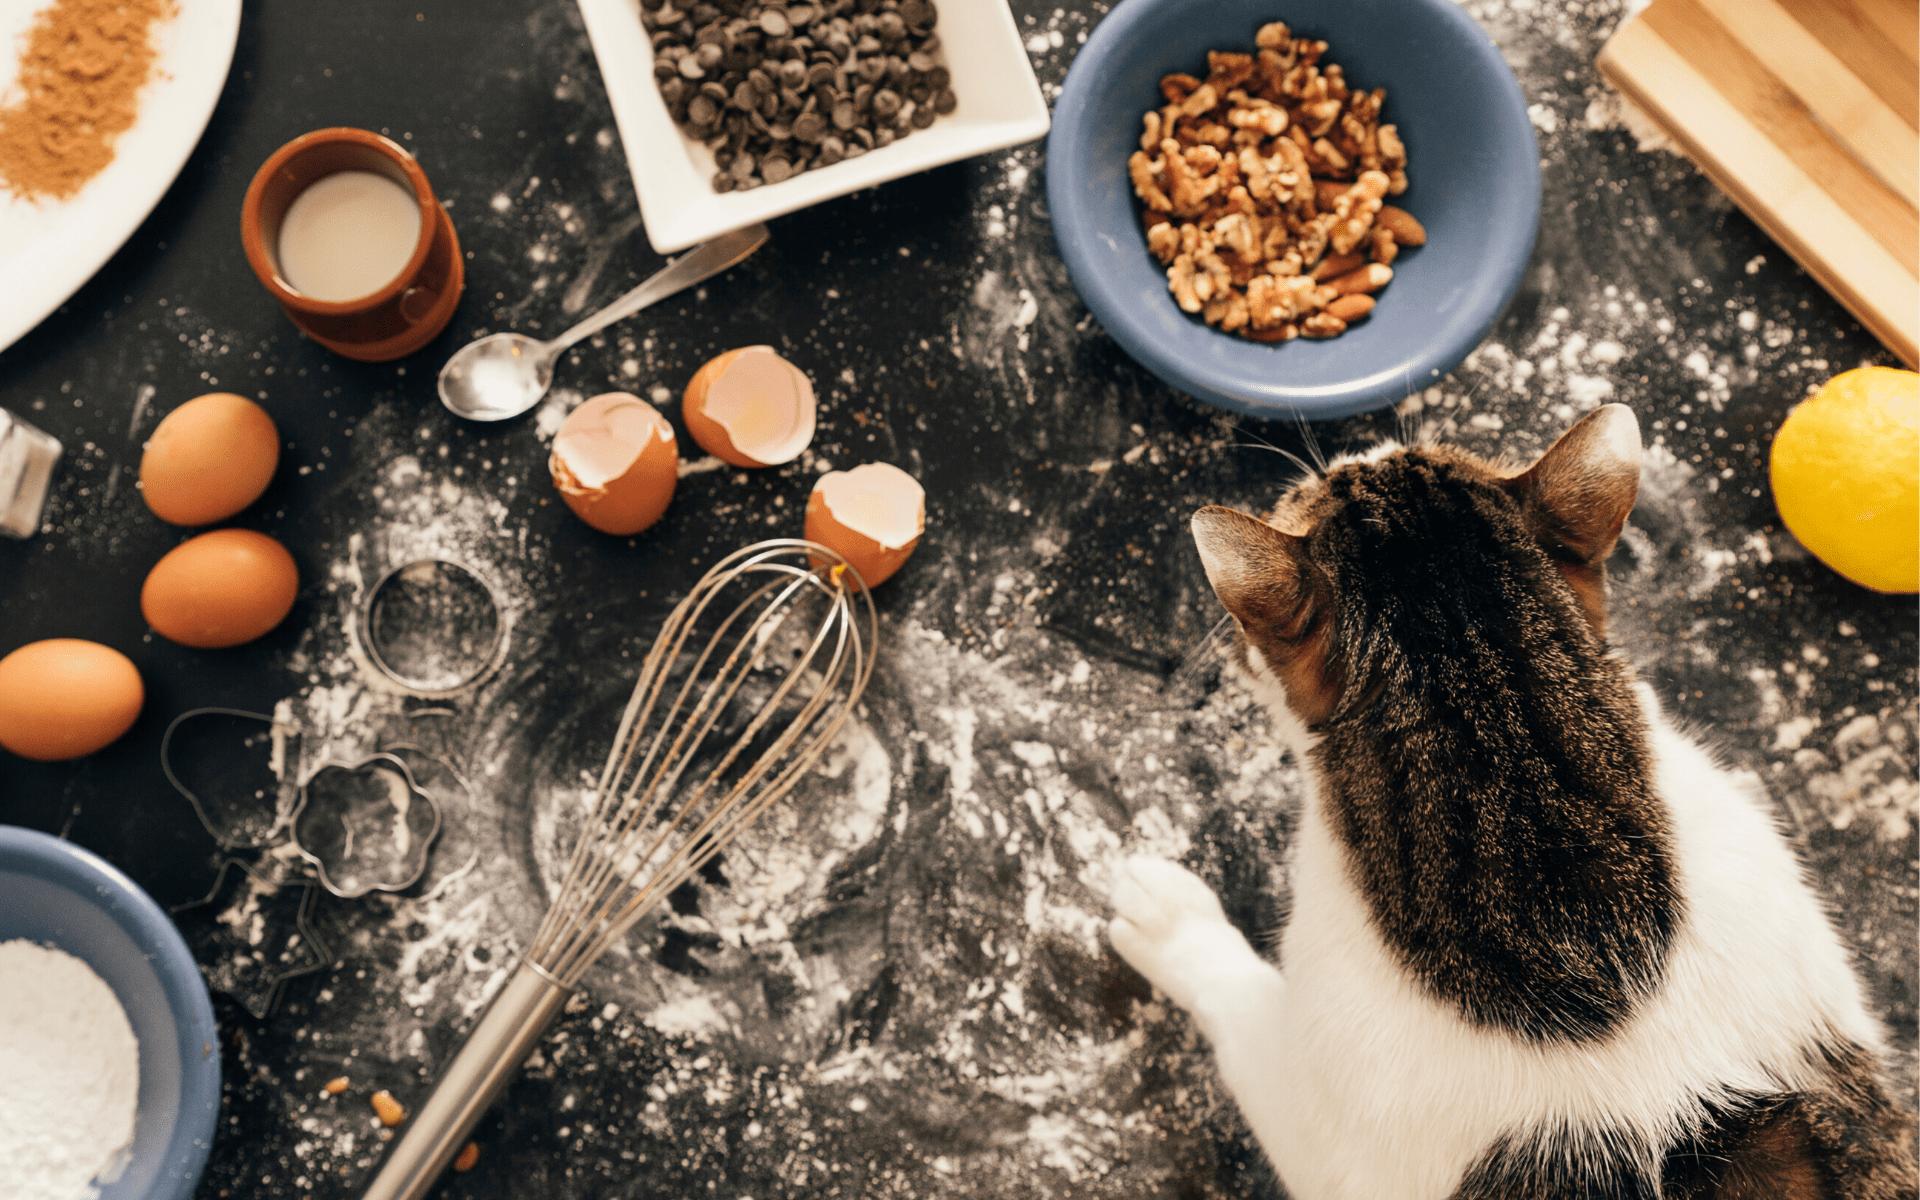 czego nie mogą jeść koty